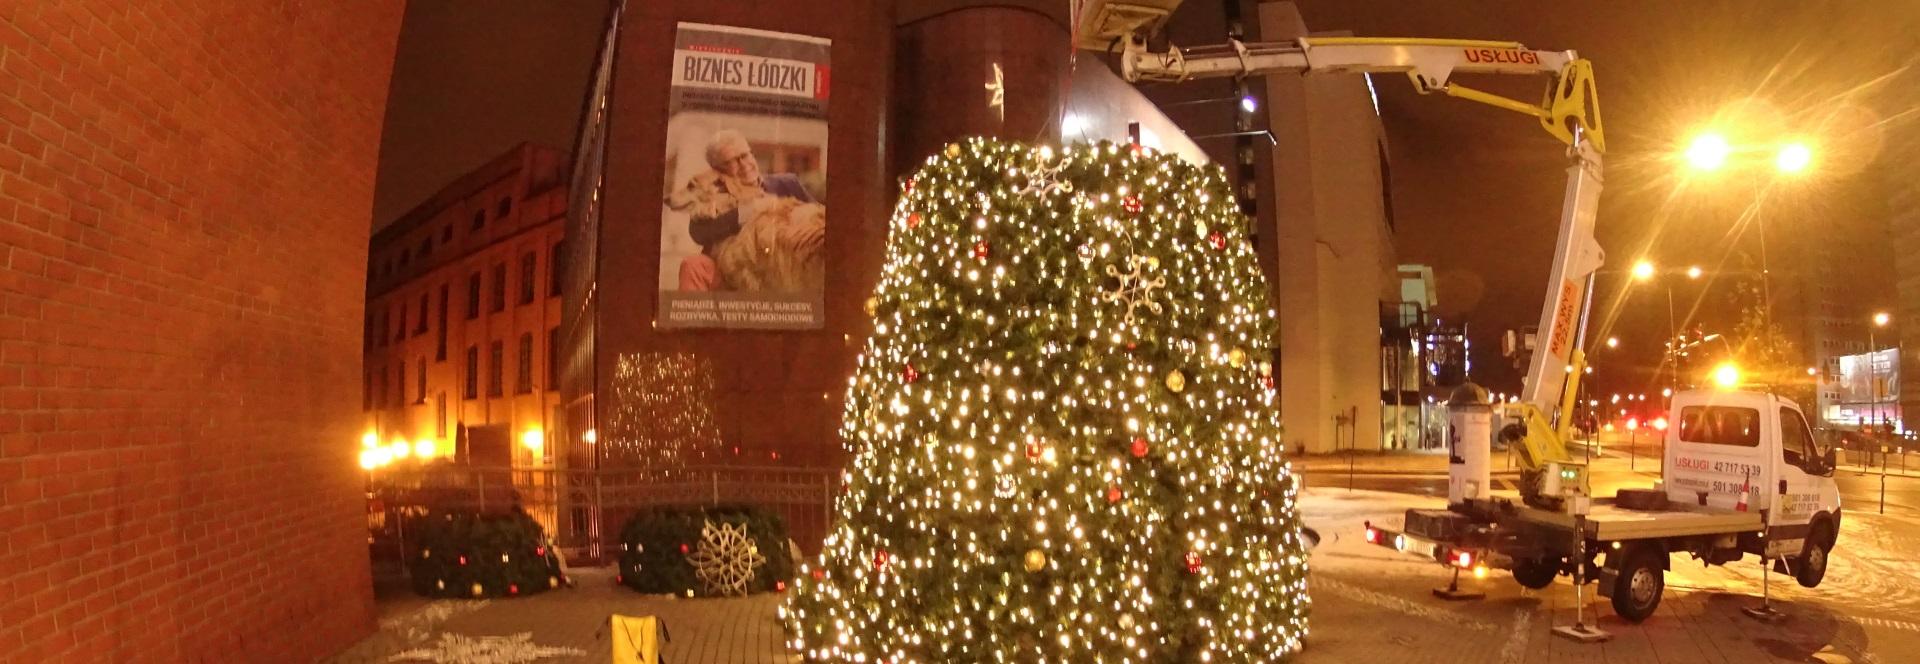 Последние работы по праздничному монтажу освещения и декораций на ТЦ. Дальше монтаж елки.